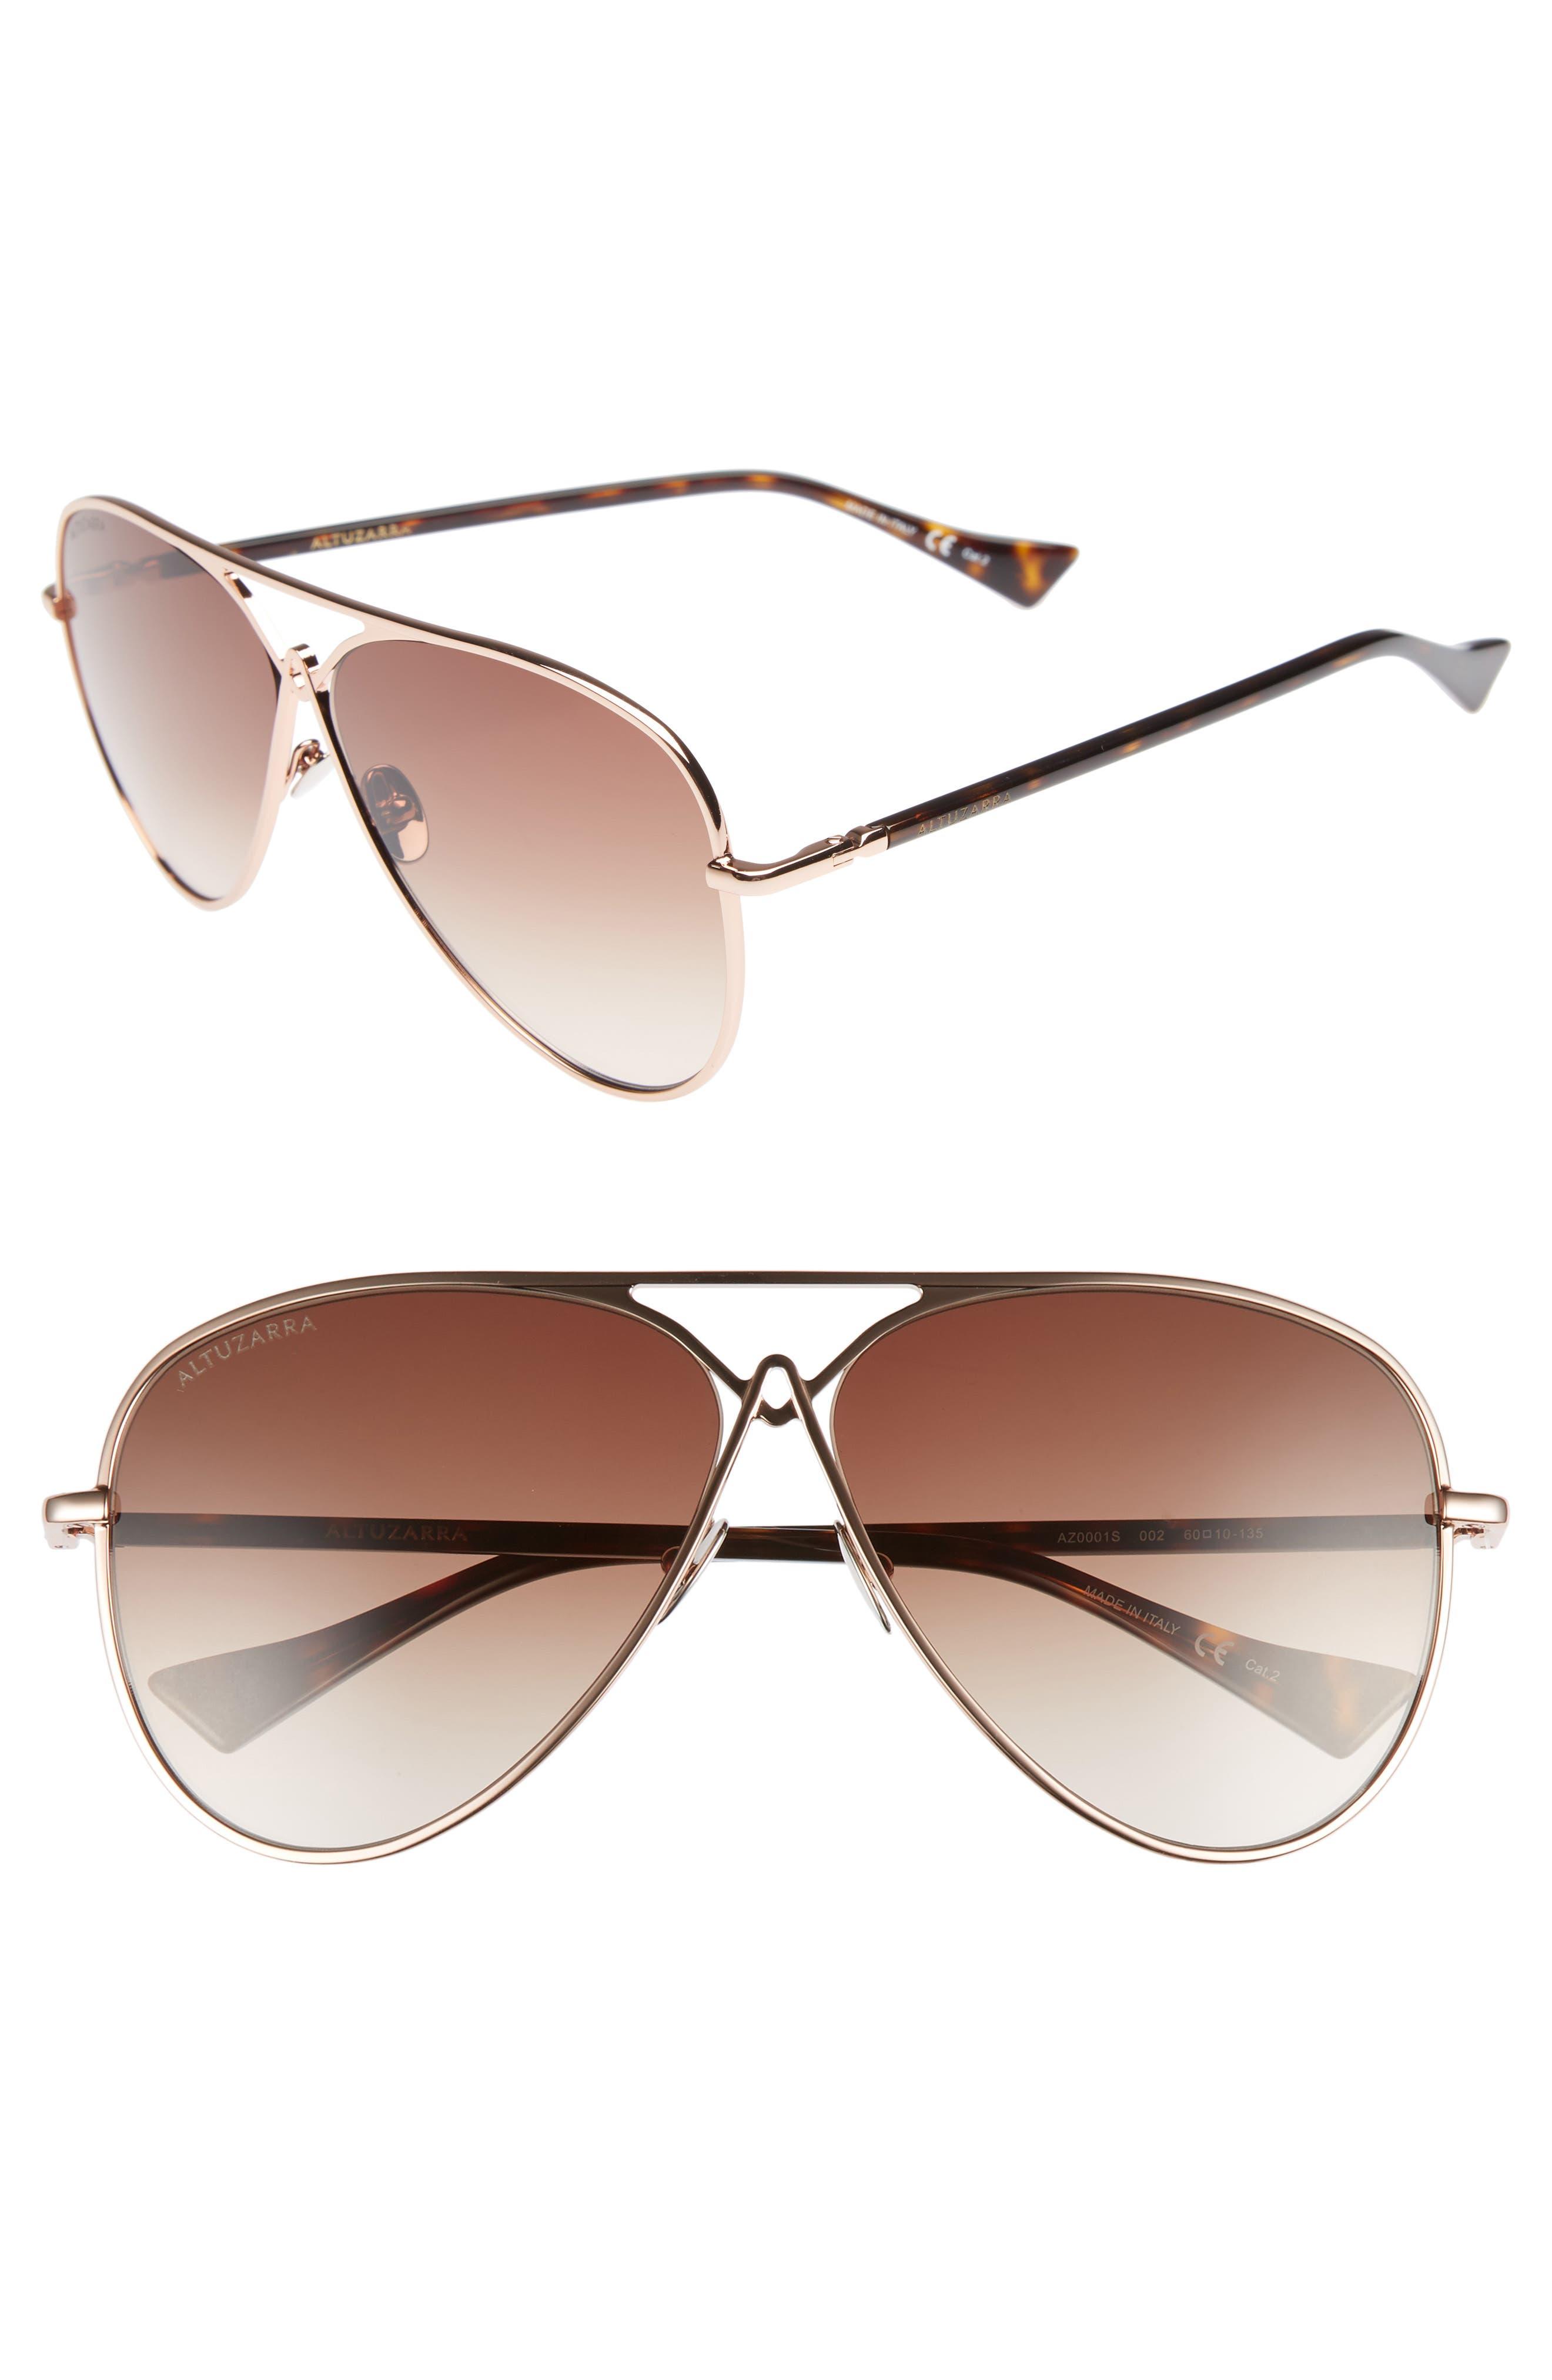 60mm Metal Aviator Sunglasses,                         Main,                         color, ROSE GOLD